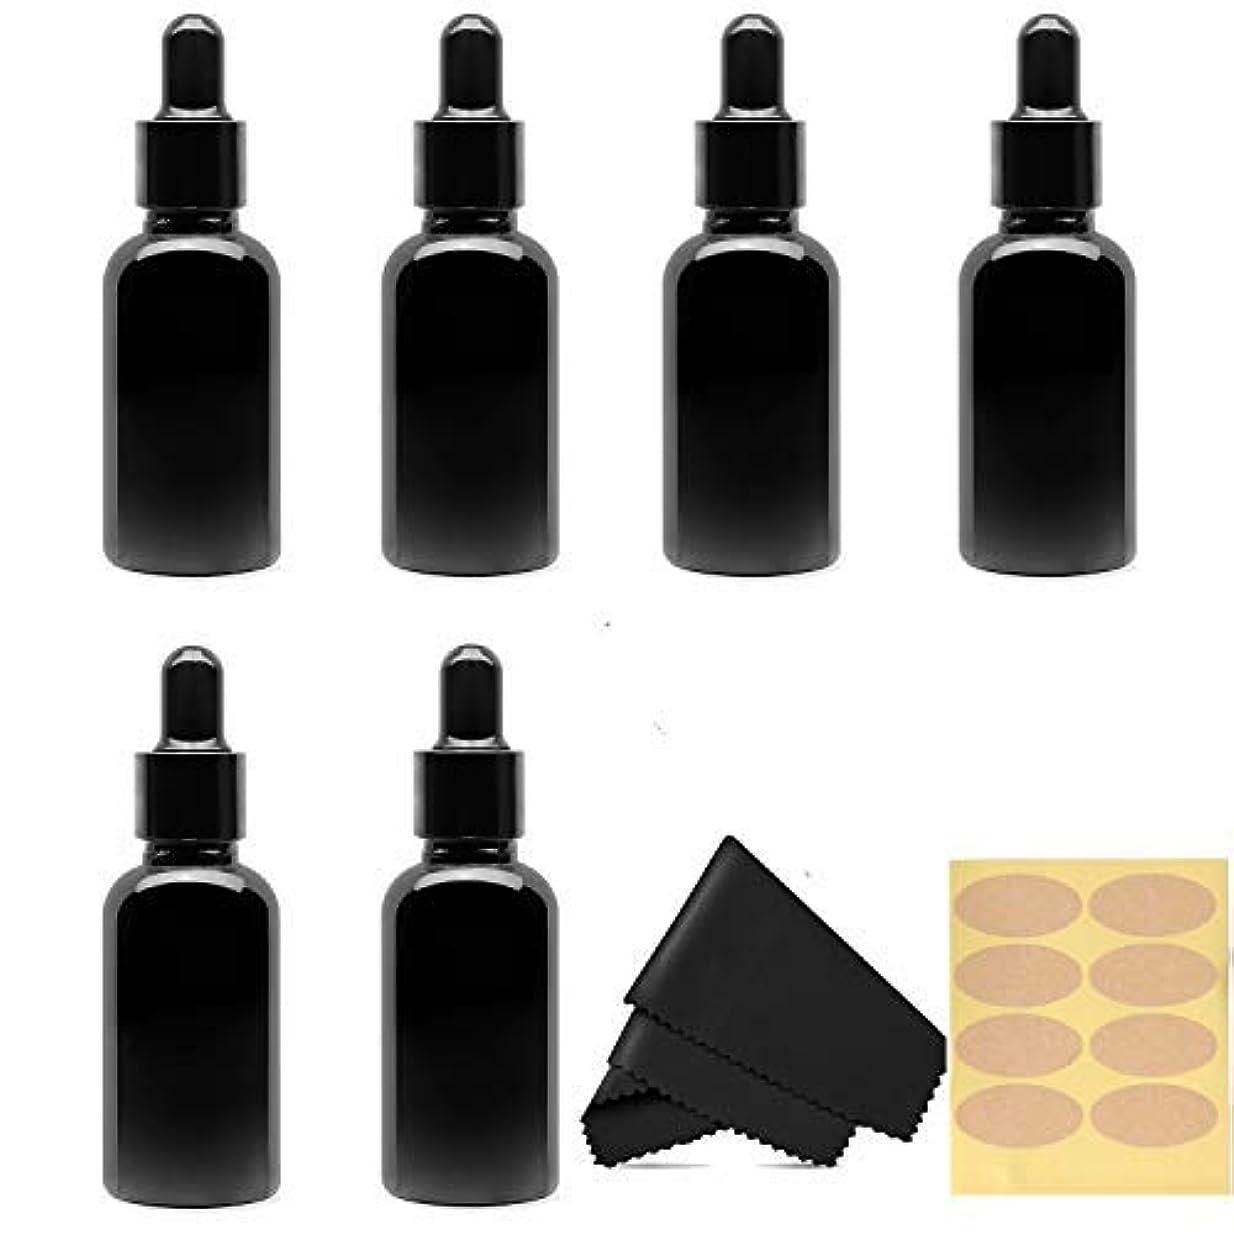 適応する家禽そのような30 Ml (1 fl oz) Black Glass Essential Oil Bottles with Eye Droppers, 6 Pack [並行輸入品]